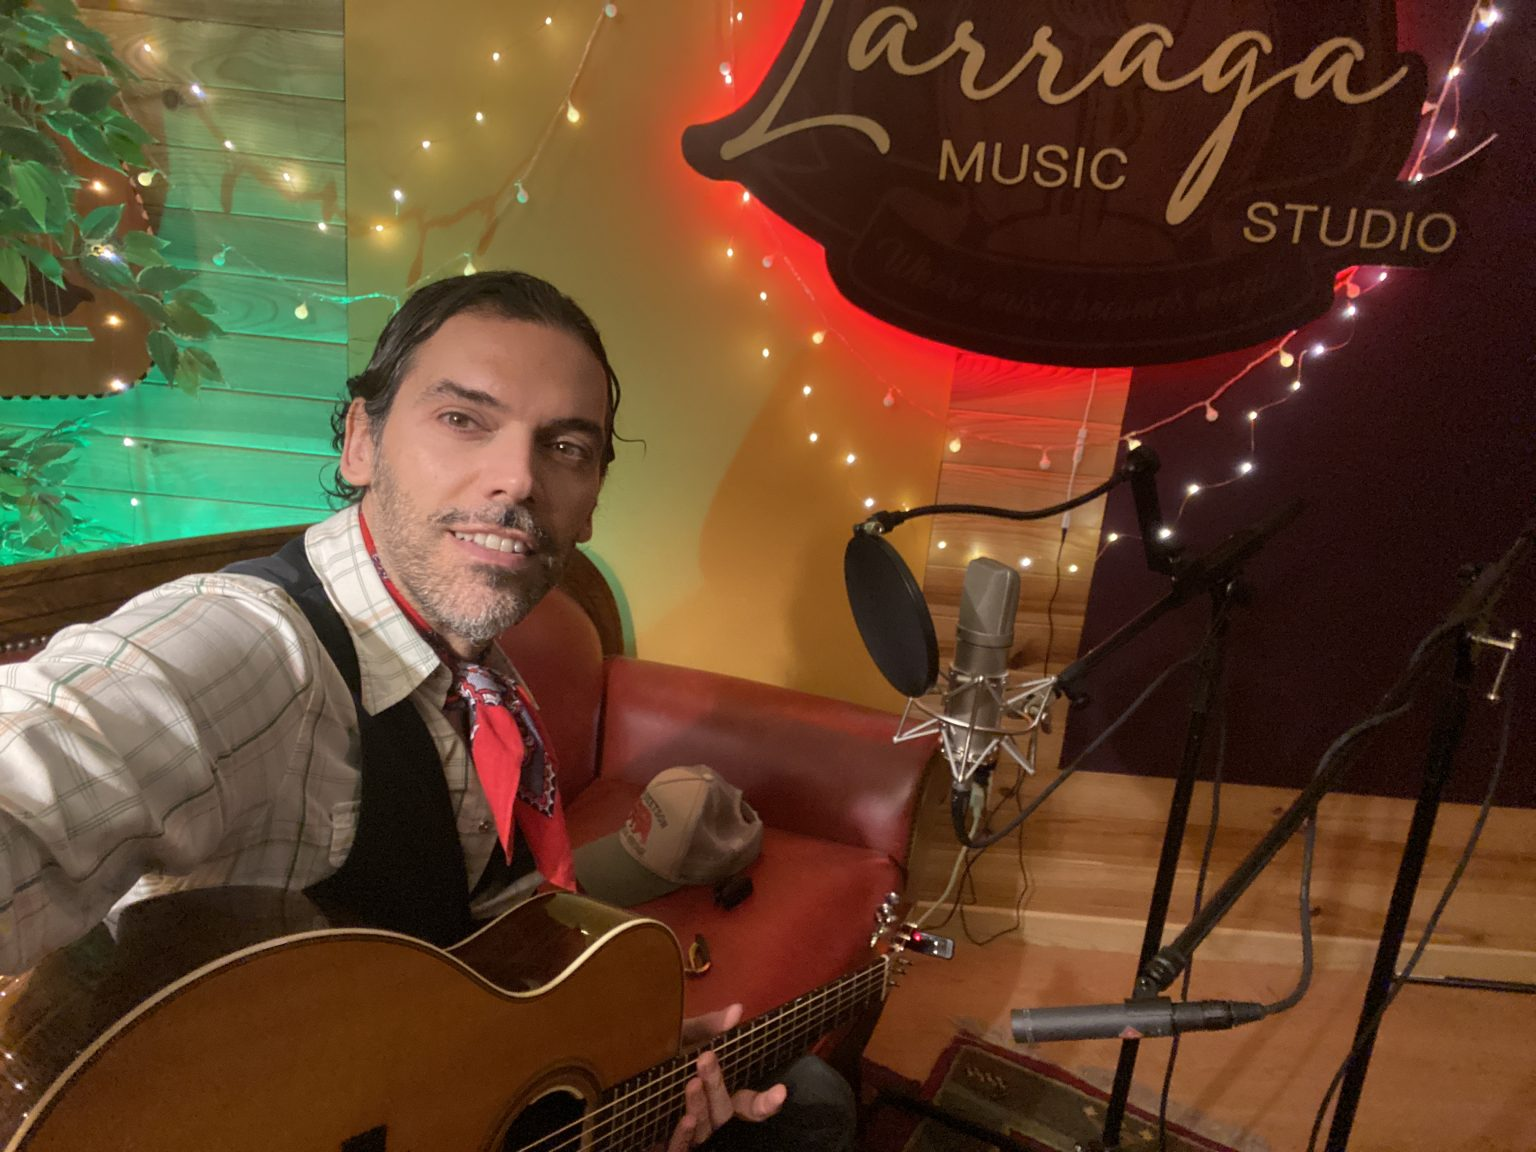 foto en estudio de grabación Alex Larraga